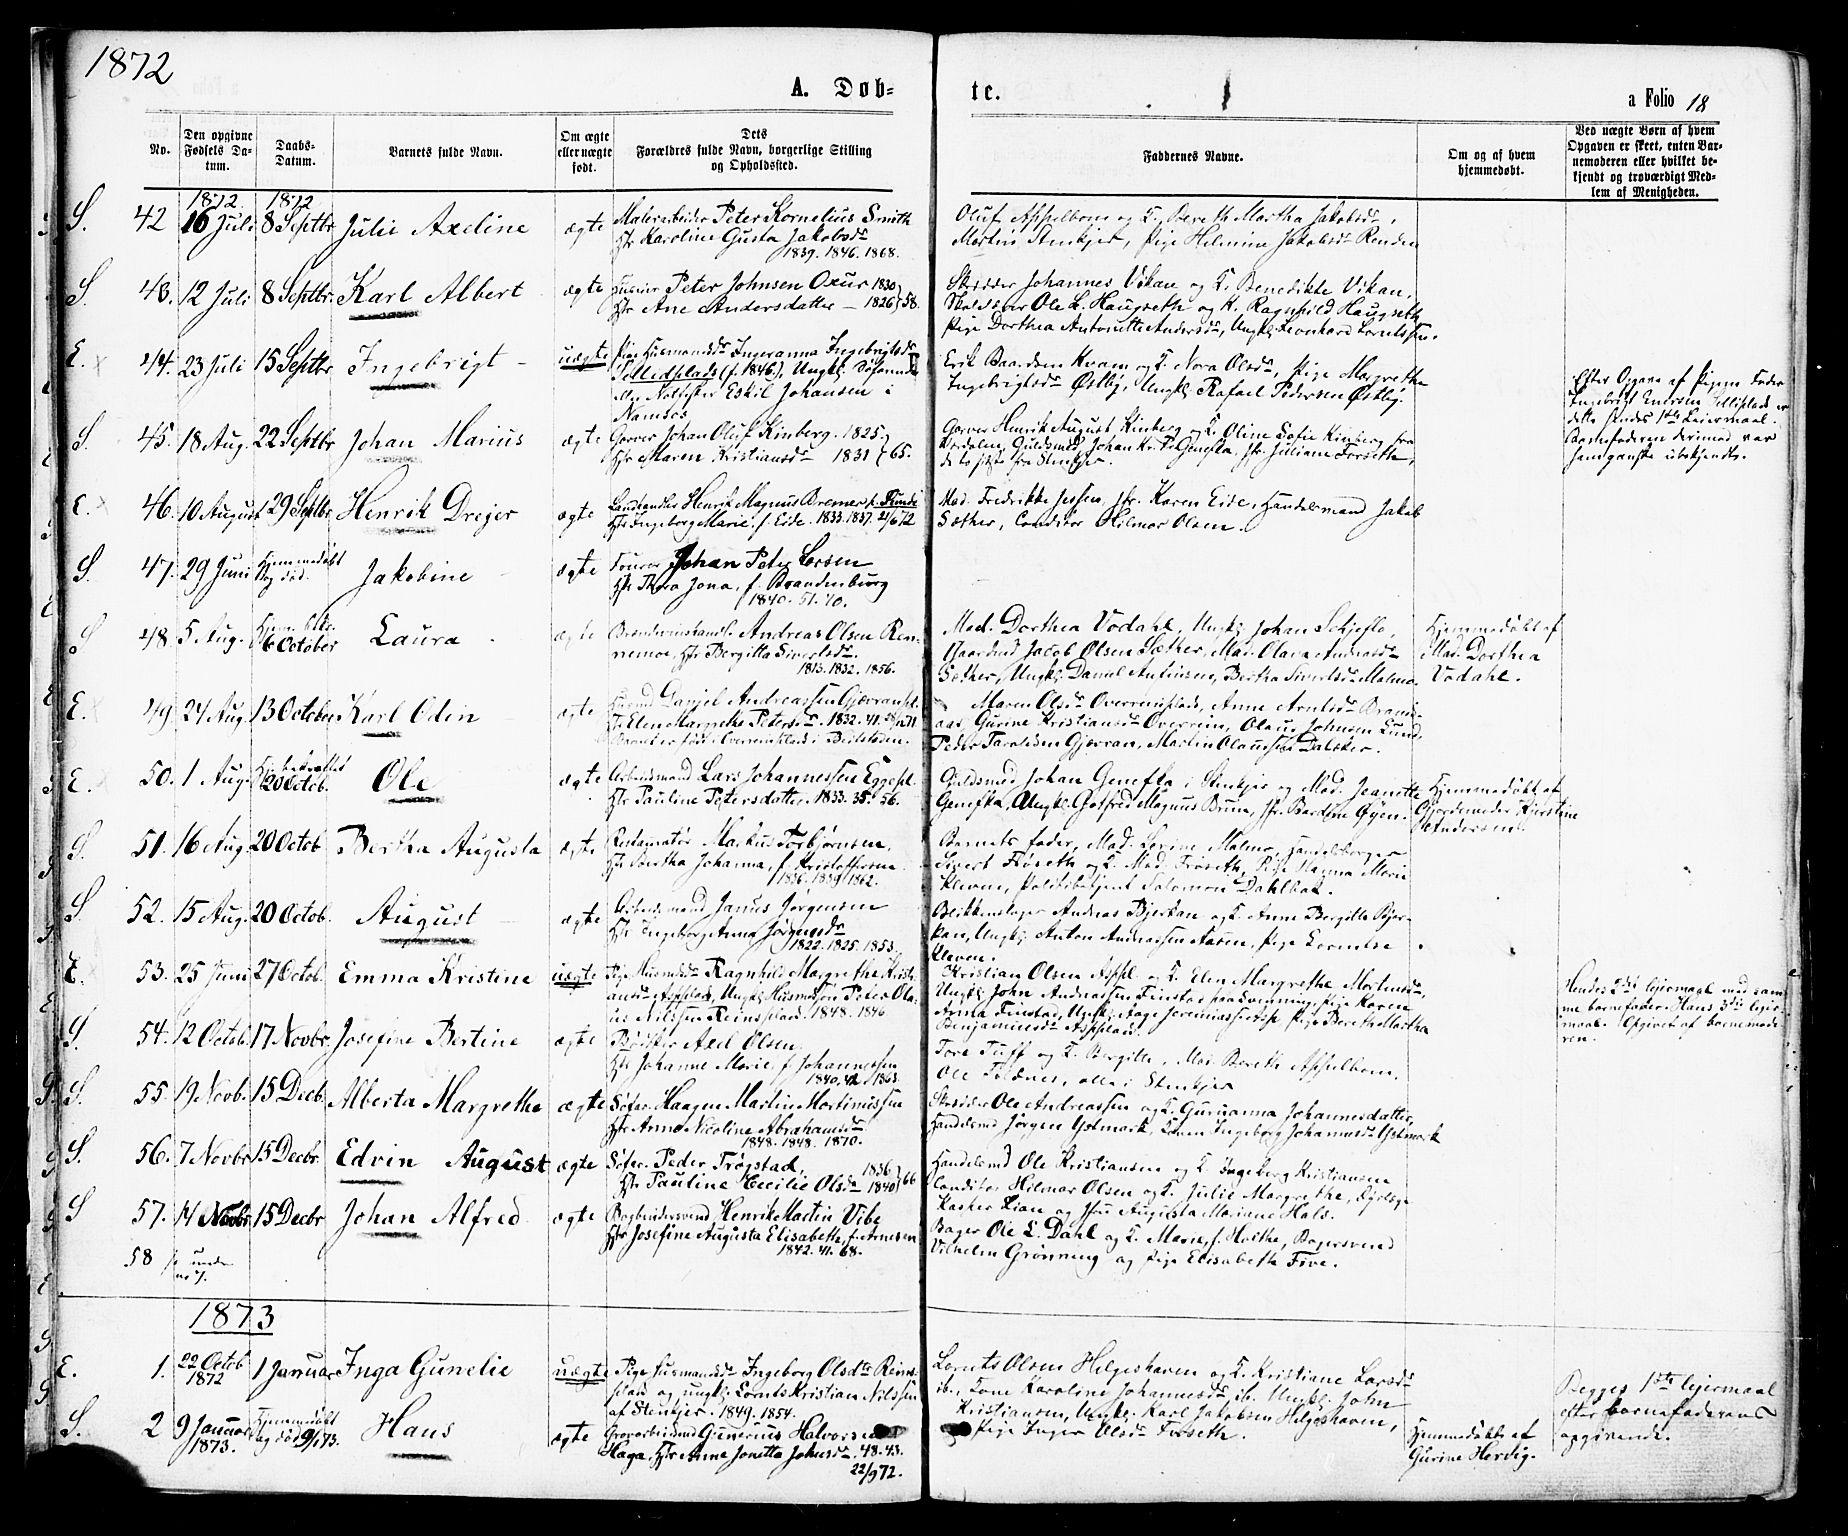 SAT, Ministerialprotokoller, klokkerbøker og fødselsregistre - Nord-Trøndelag, 739/L0370: Ministerialbok nr. 739A02, 1868-1881, s. 18